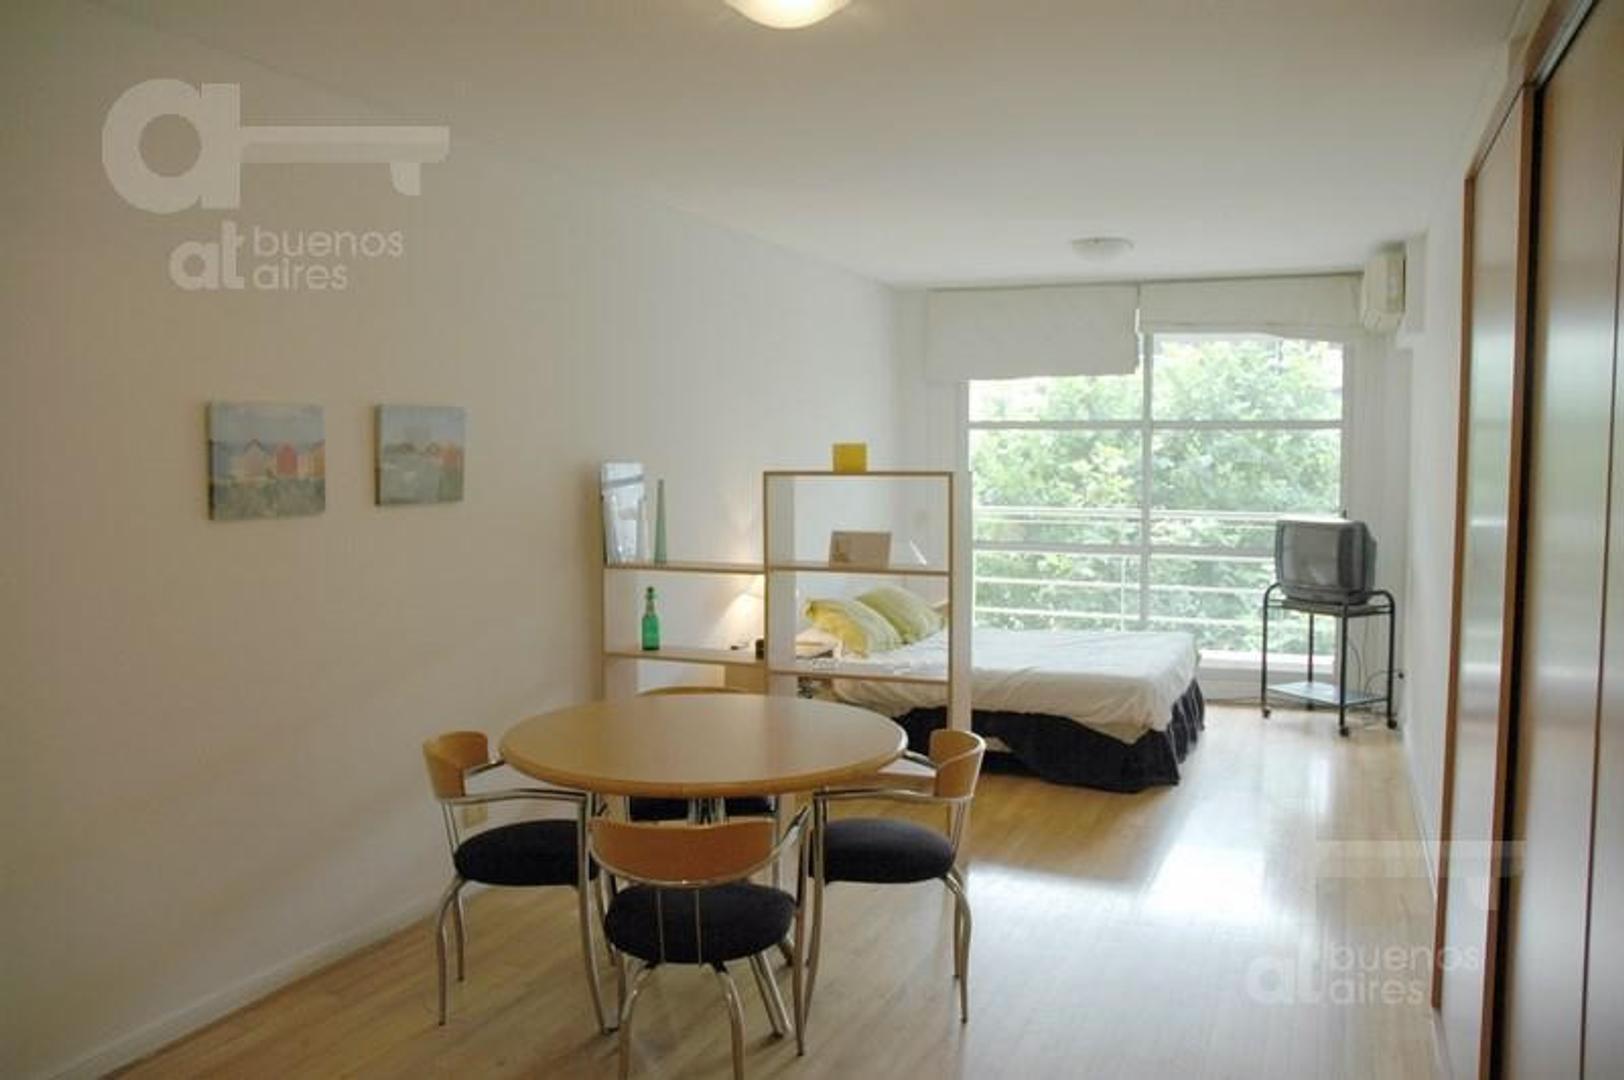 Palermo. Moderno Loft con balcón y amenities. Alquiler temporario sin garantías.